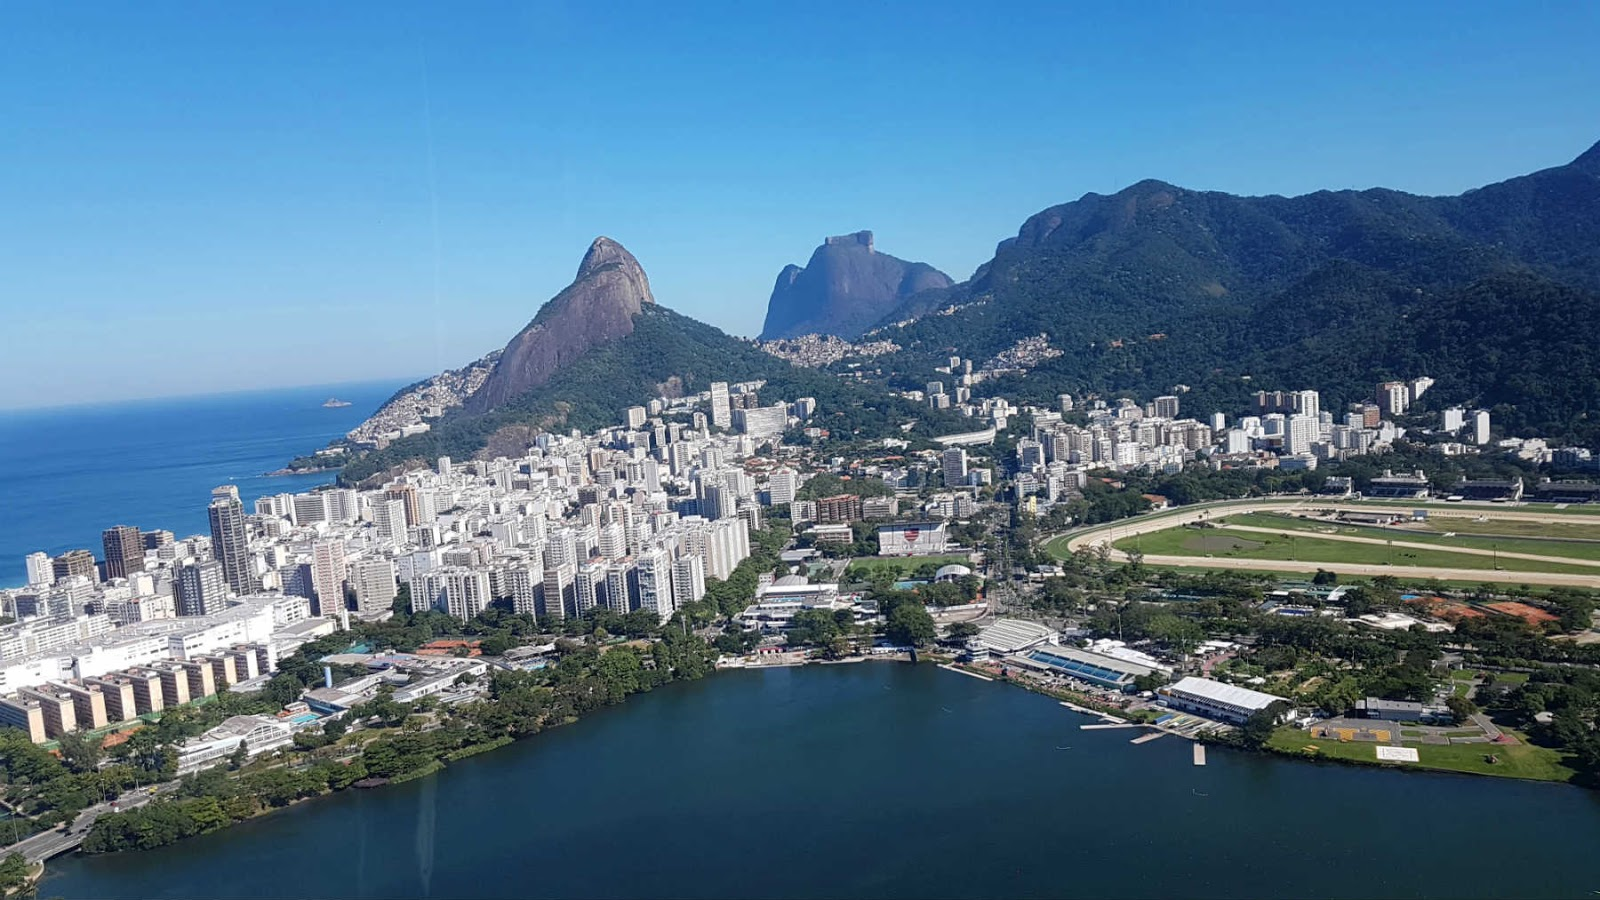 Rio de Janeiro visto do helicóptero da Helisight.